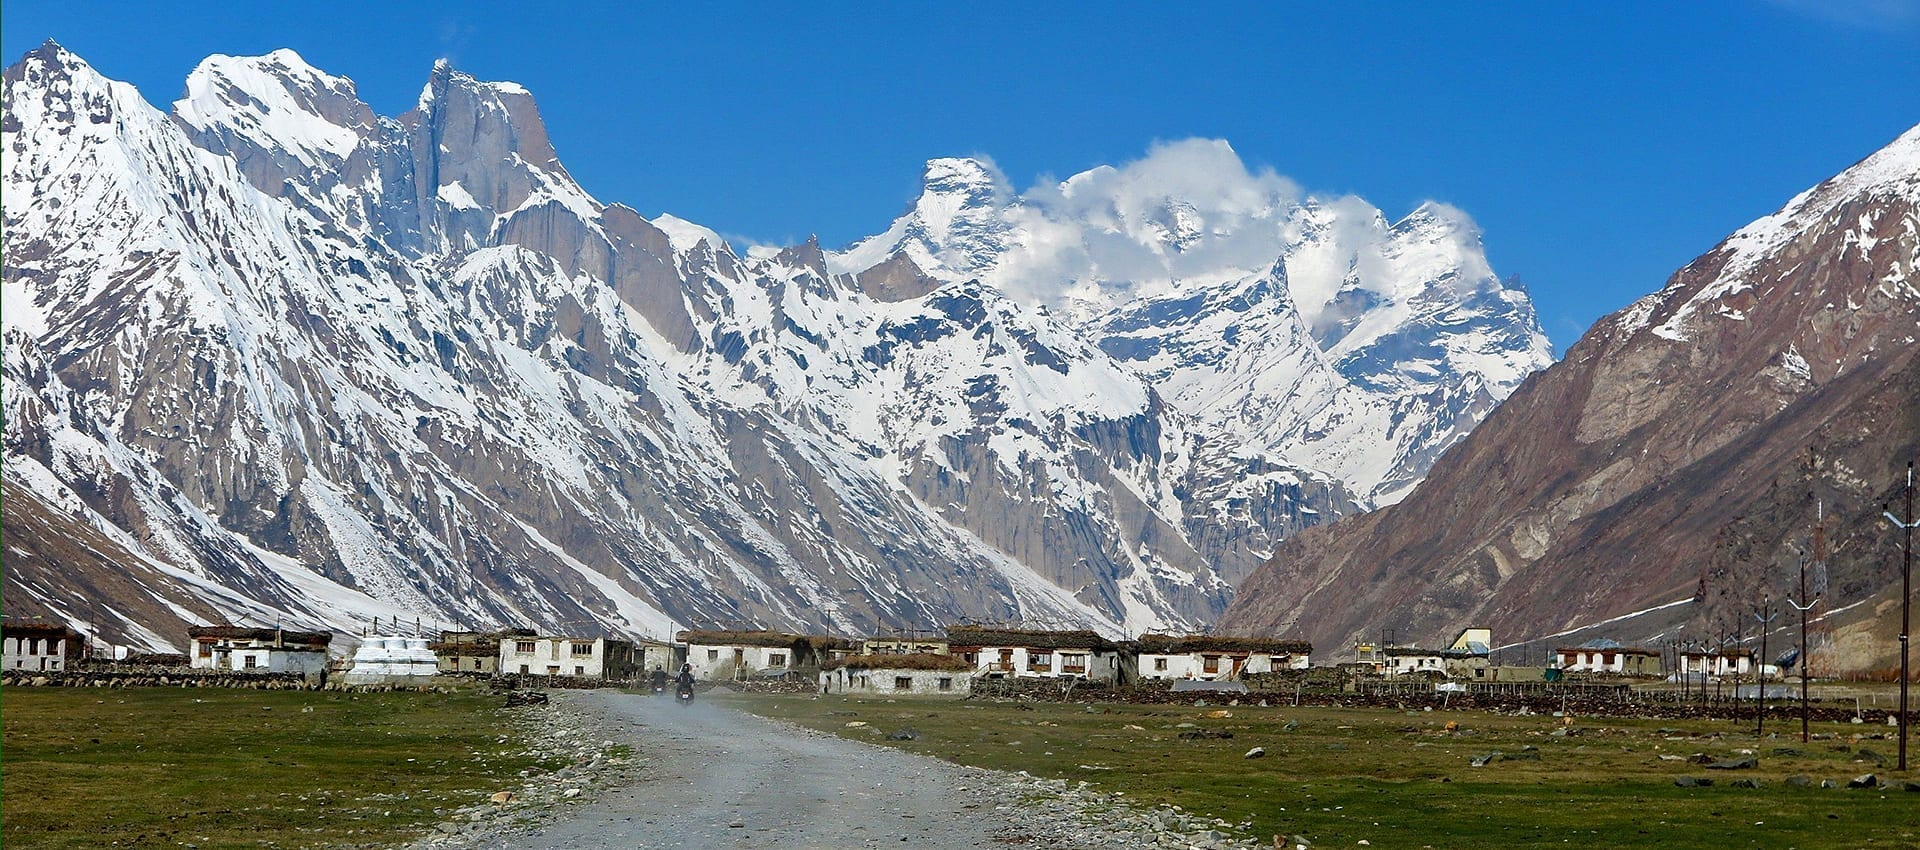 Populaire motorreizen zanskar Motor Challenge in de Indiase Himalaya.